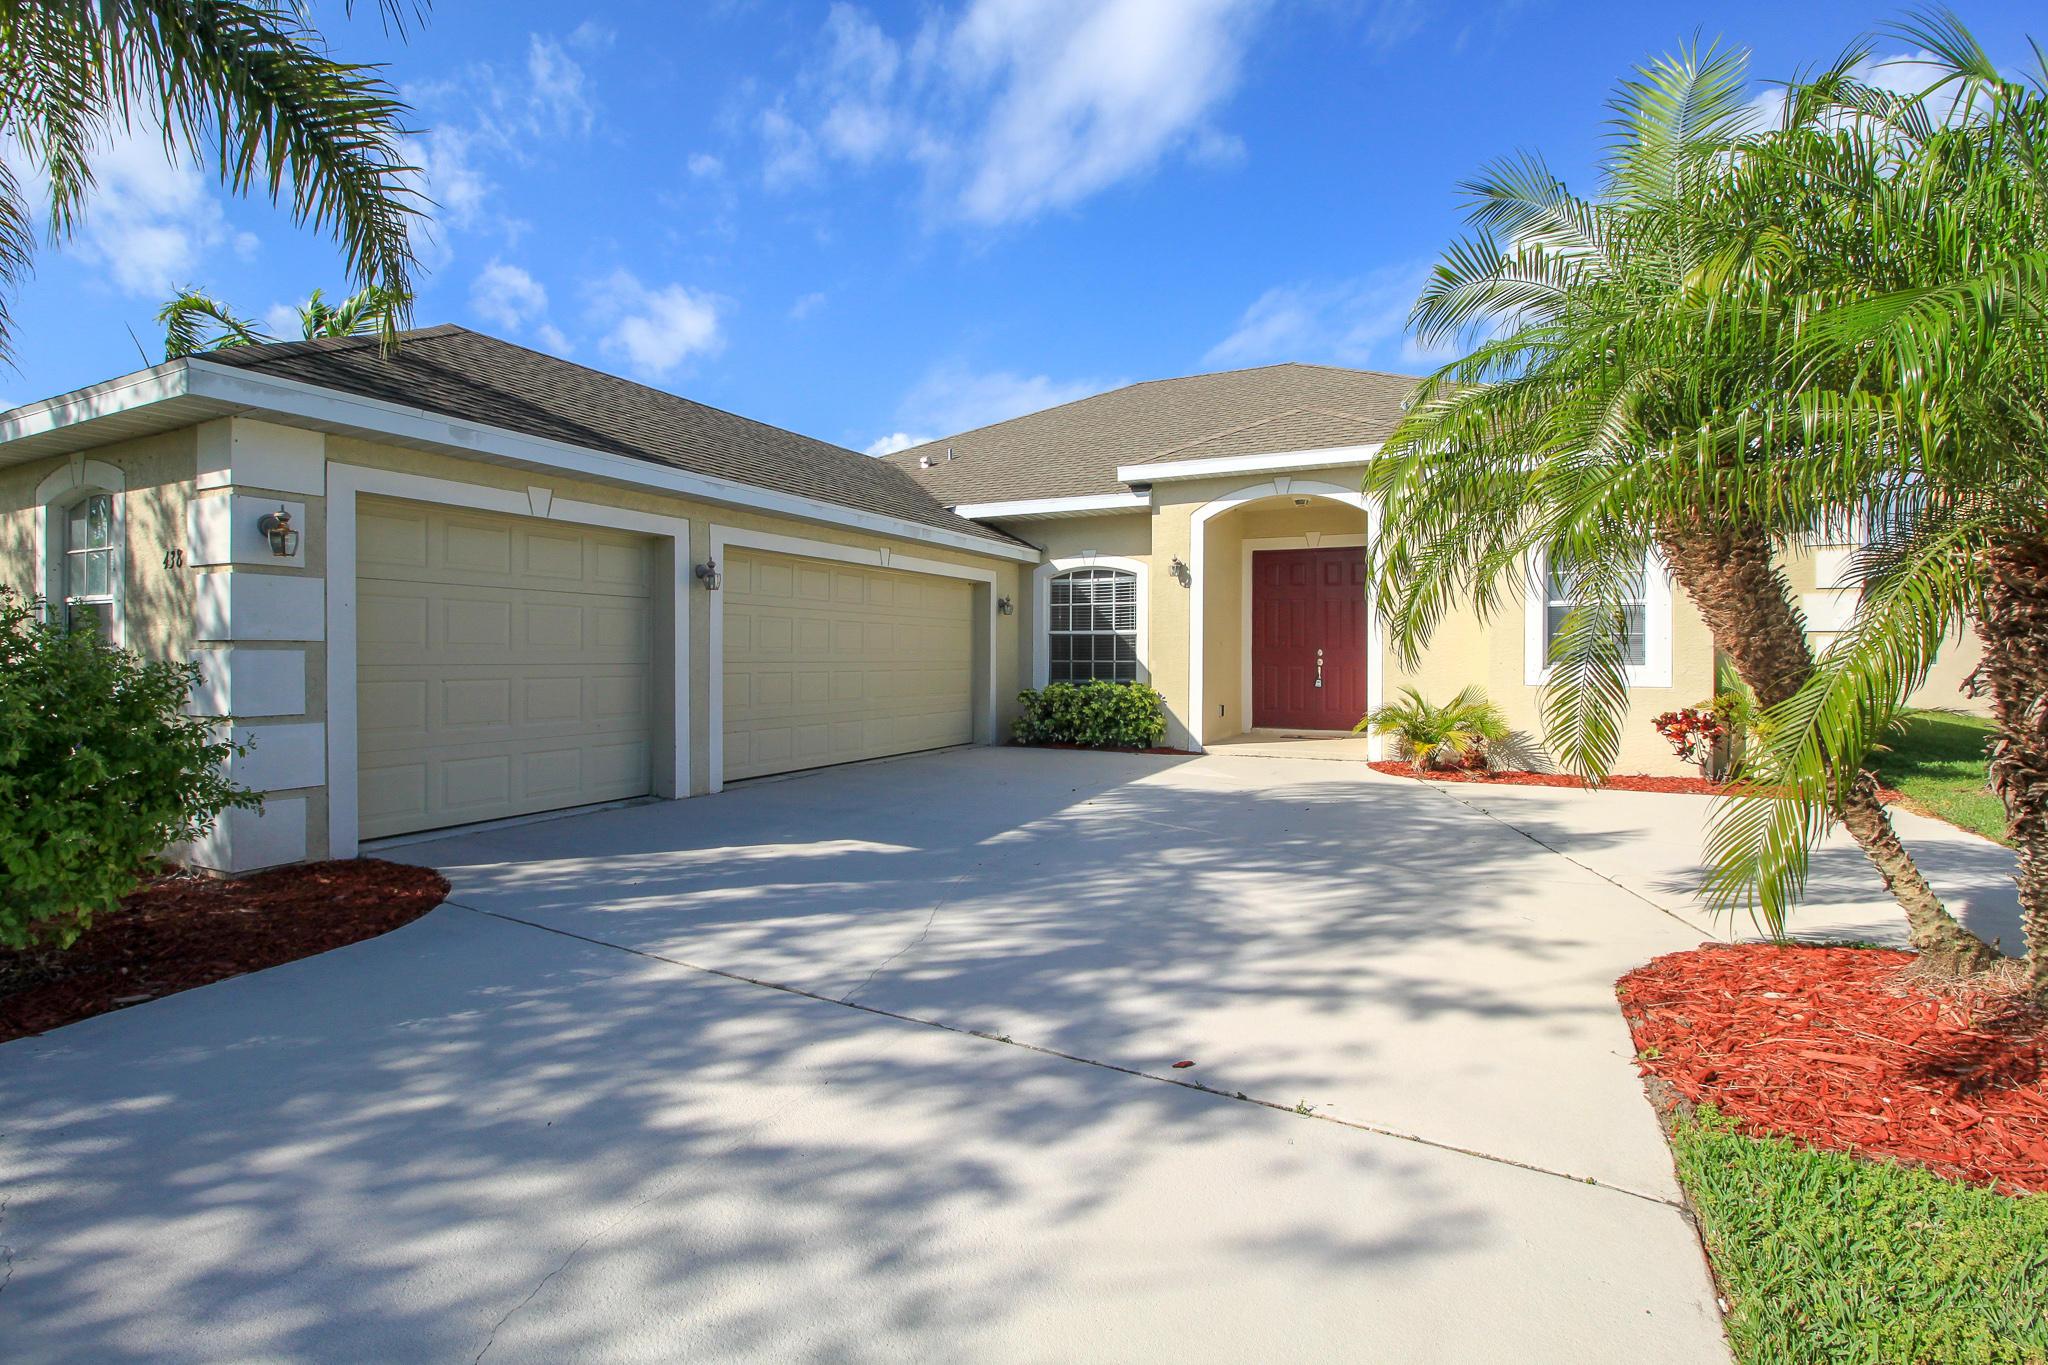 438 Sunflower Place Nw, Jensen Beach, FL 34957